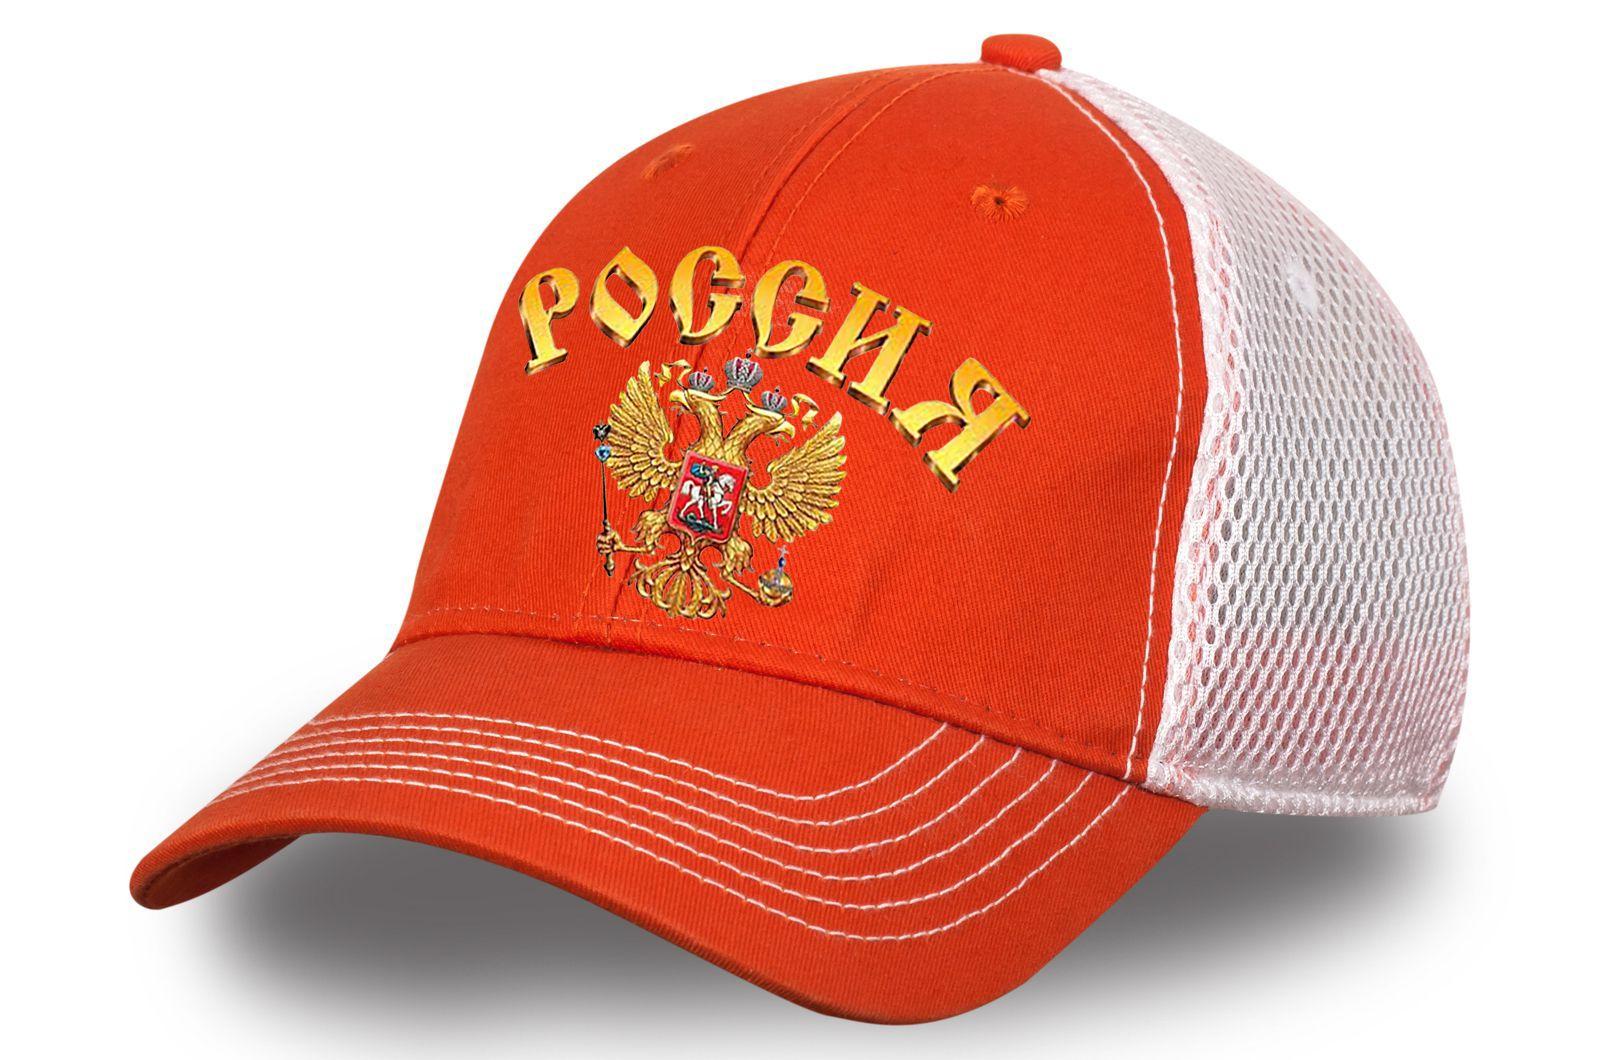 Патриотическая бейсболка Россия - купить недорого онлайн